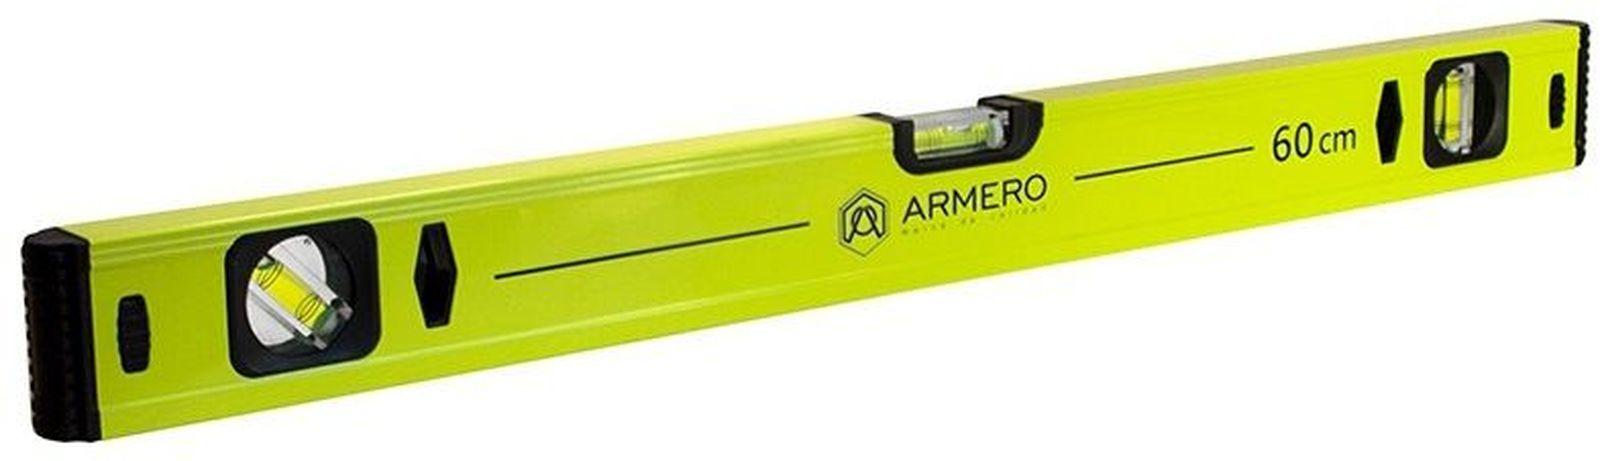 Уровень алюминиевый Armero, 3 глазка, магнит, 100 см